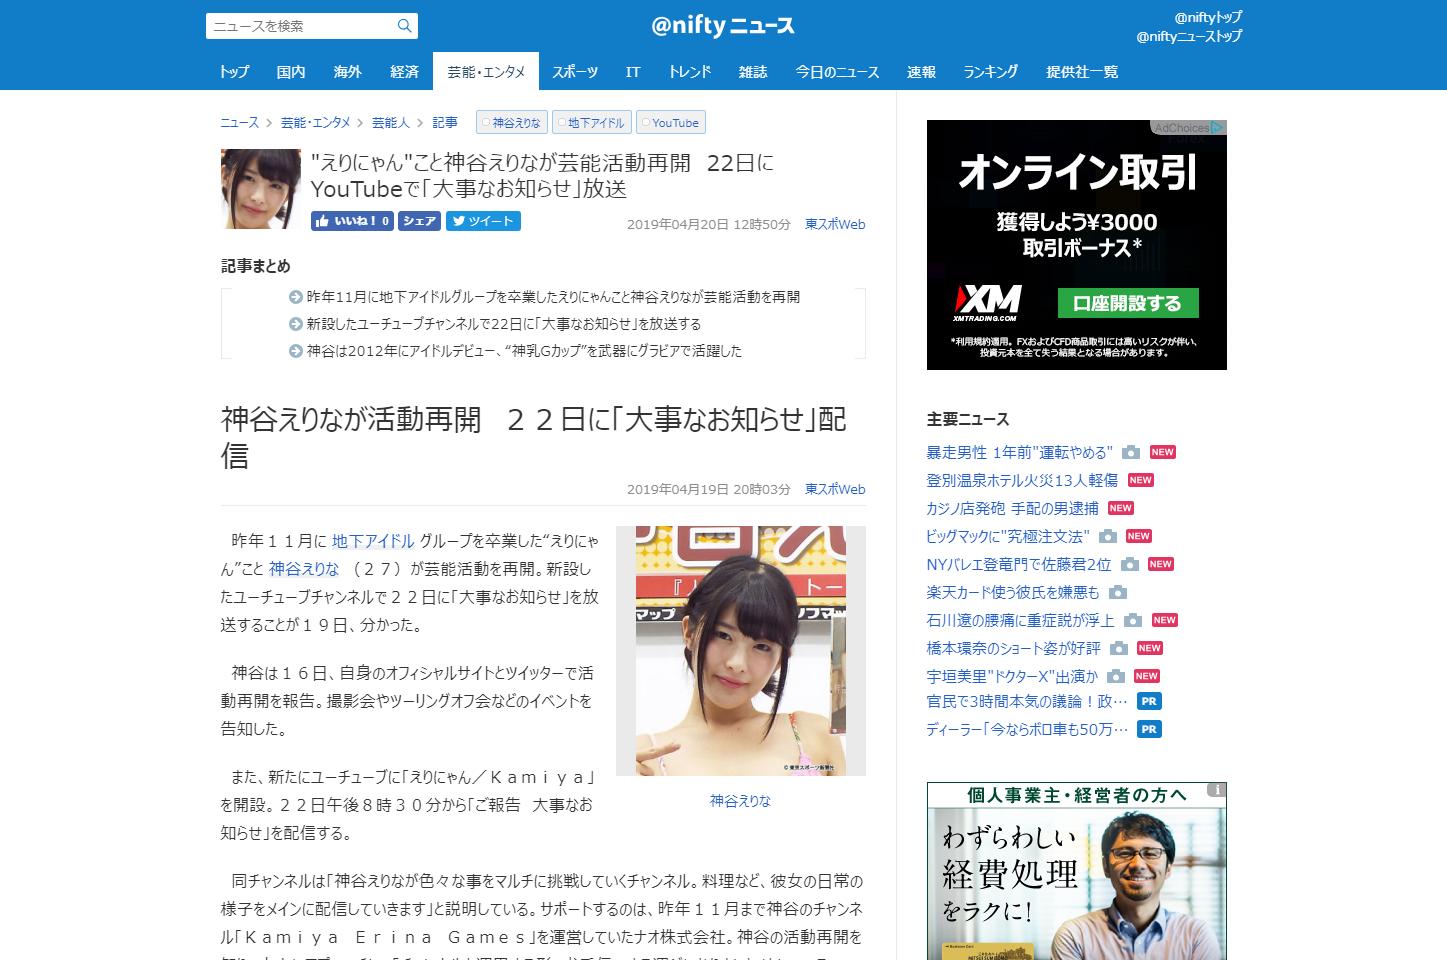 神谷えりなが活動再開 22日に「大事なお知らせ」配信 - @niftyニュース